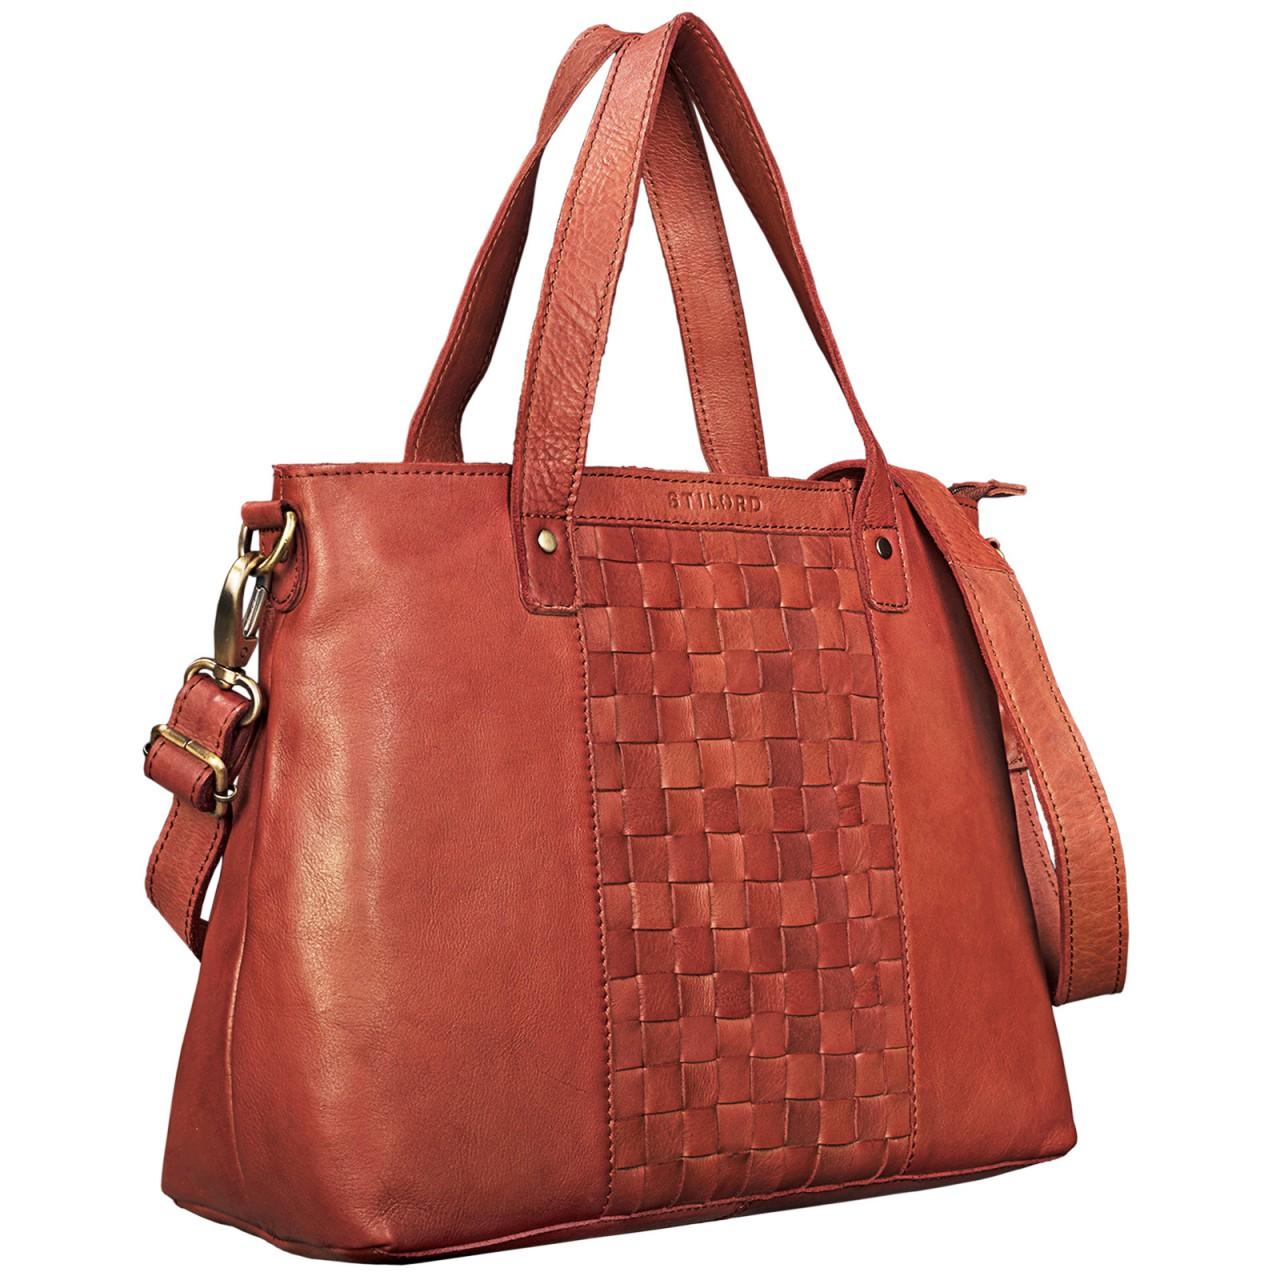 """STILORD """"Mara"""" Elegante Handtasche geflochtenes Leder mit abnehmbaren Schulterriemen Abendtasche Ausgehtasche Echtleder - Bild 8"""